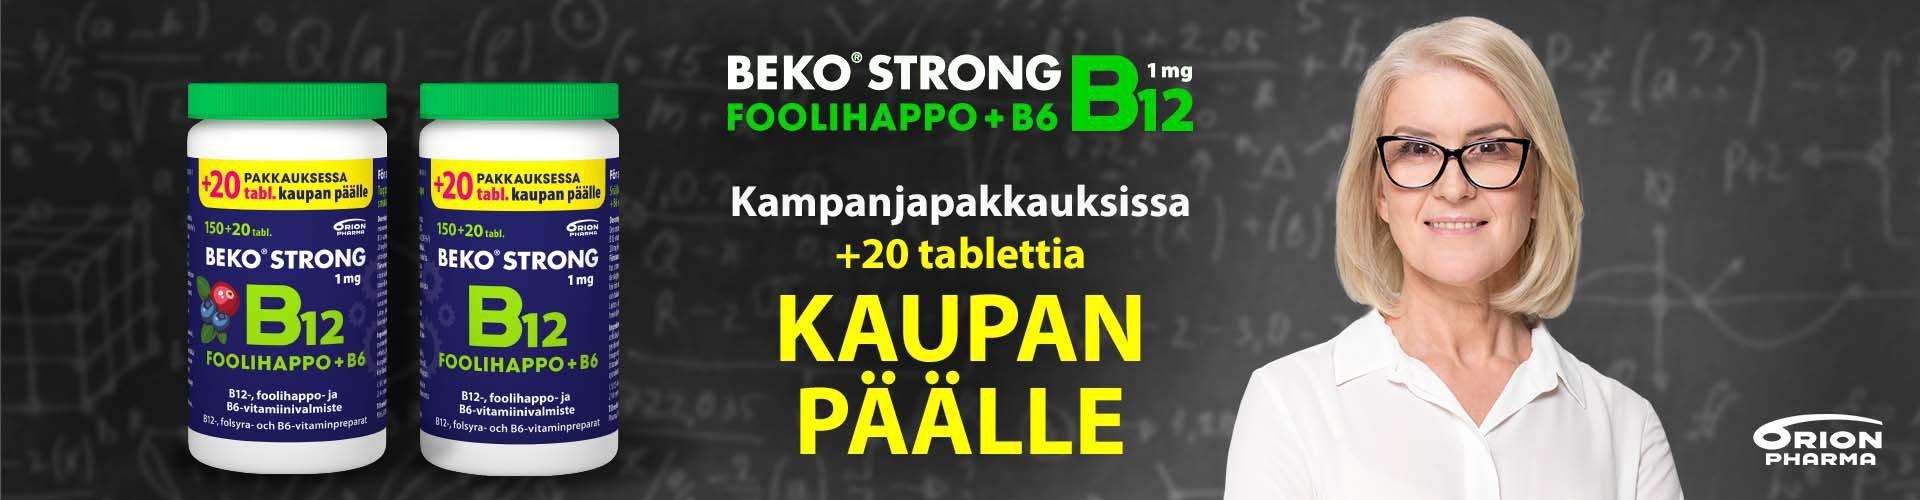 Beko Strong kampanjapakkaus